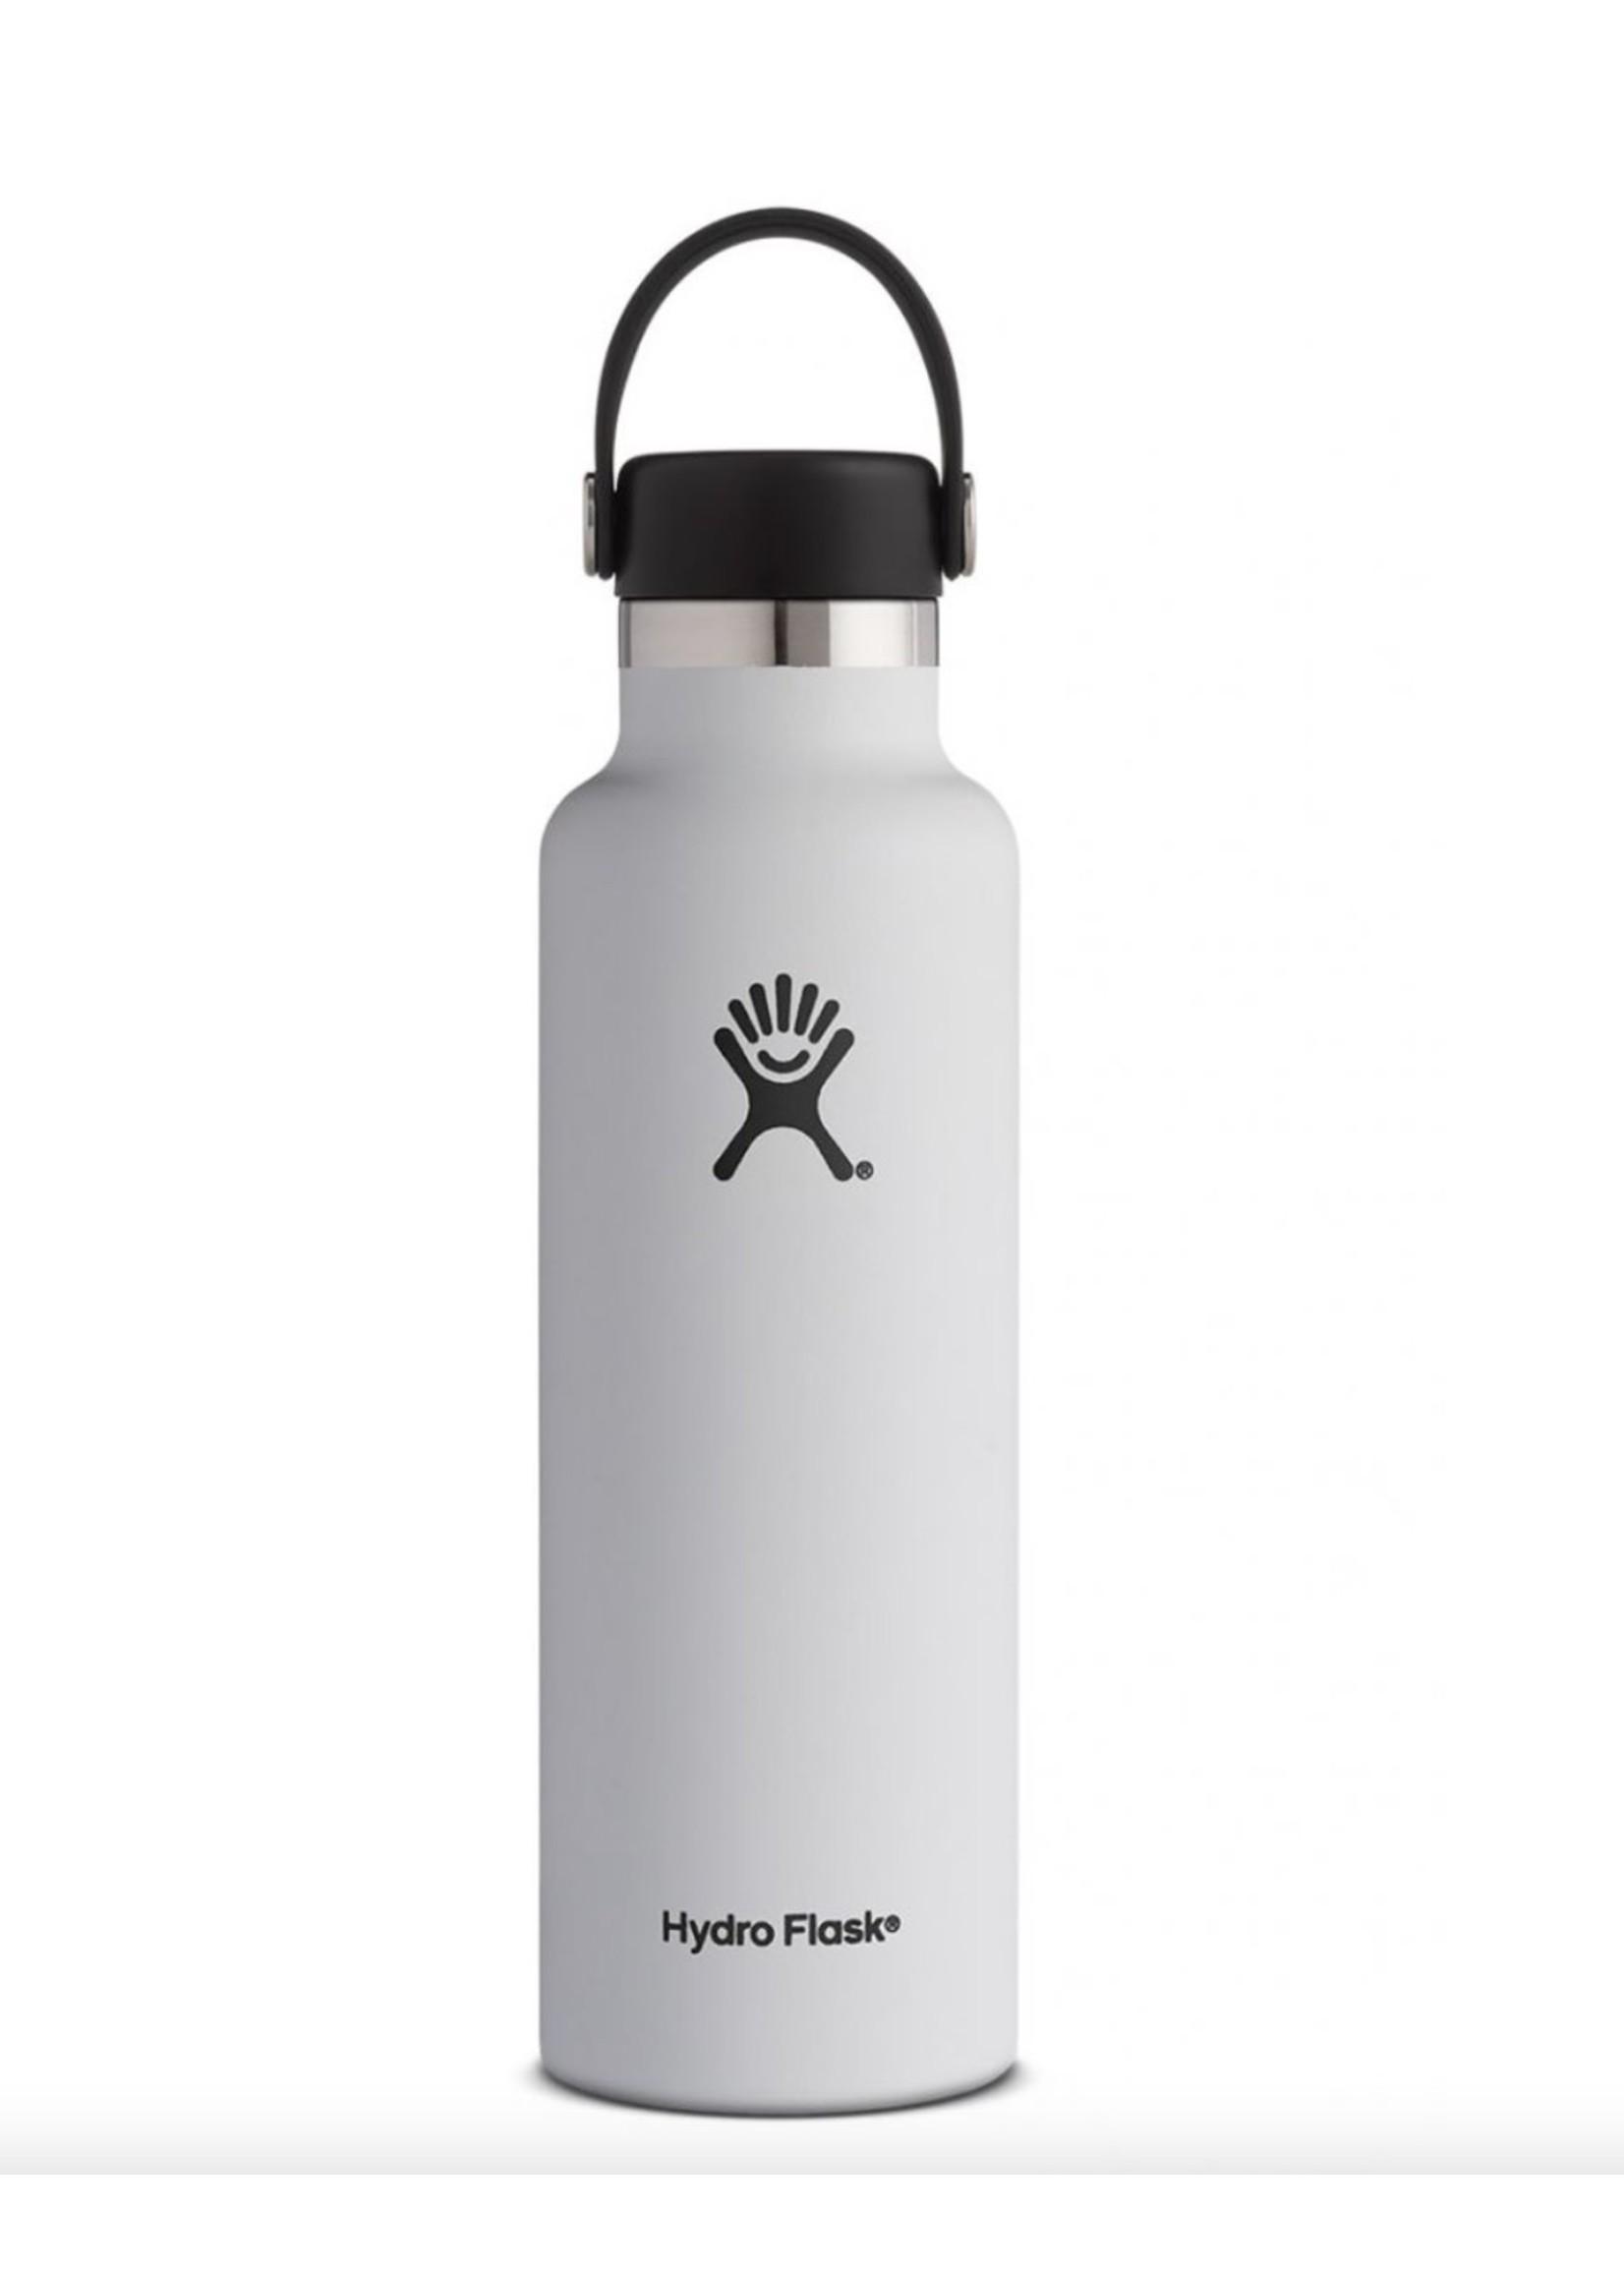 Hydro Flask Hydro Flask, 21 Oz Standard Mouth Flex Cap White